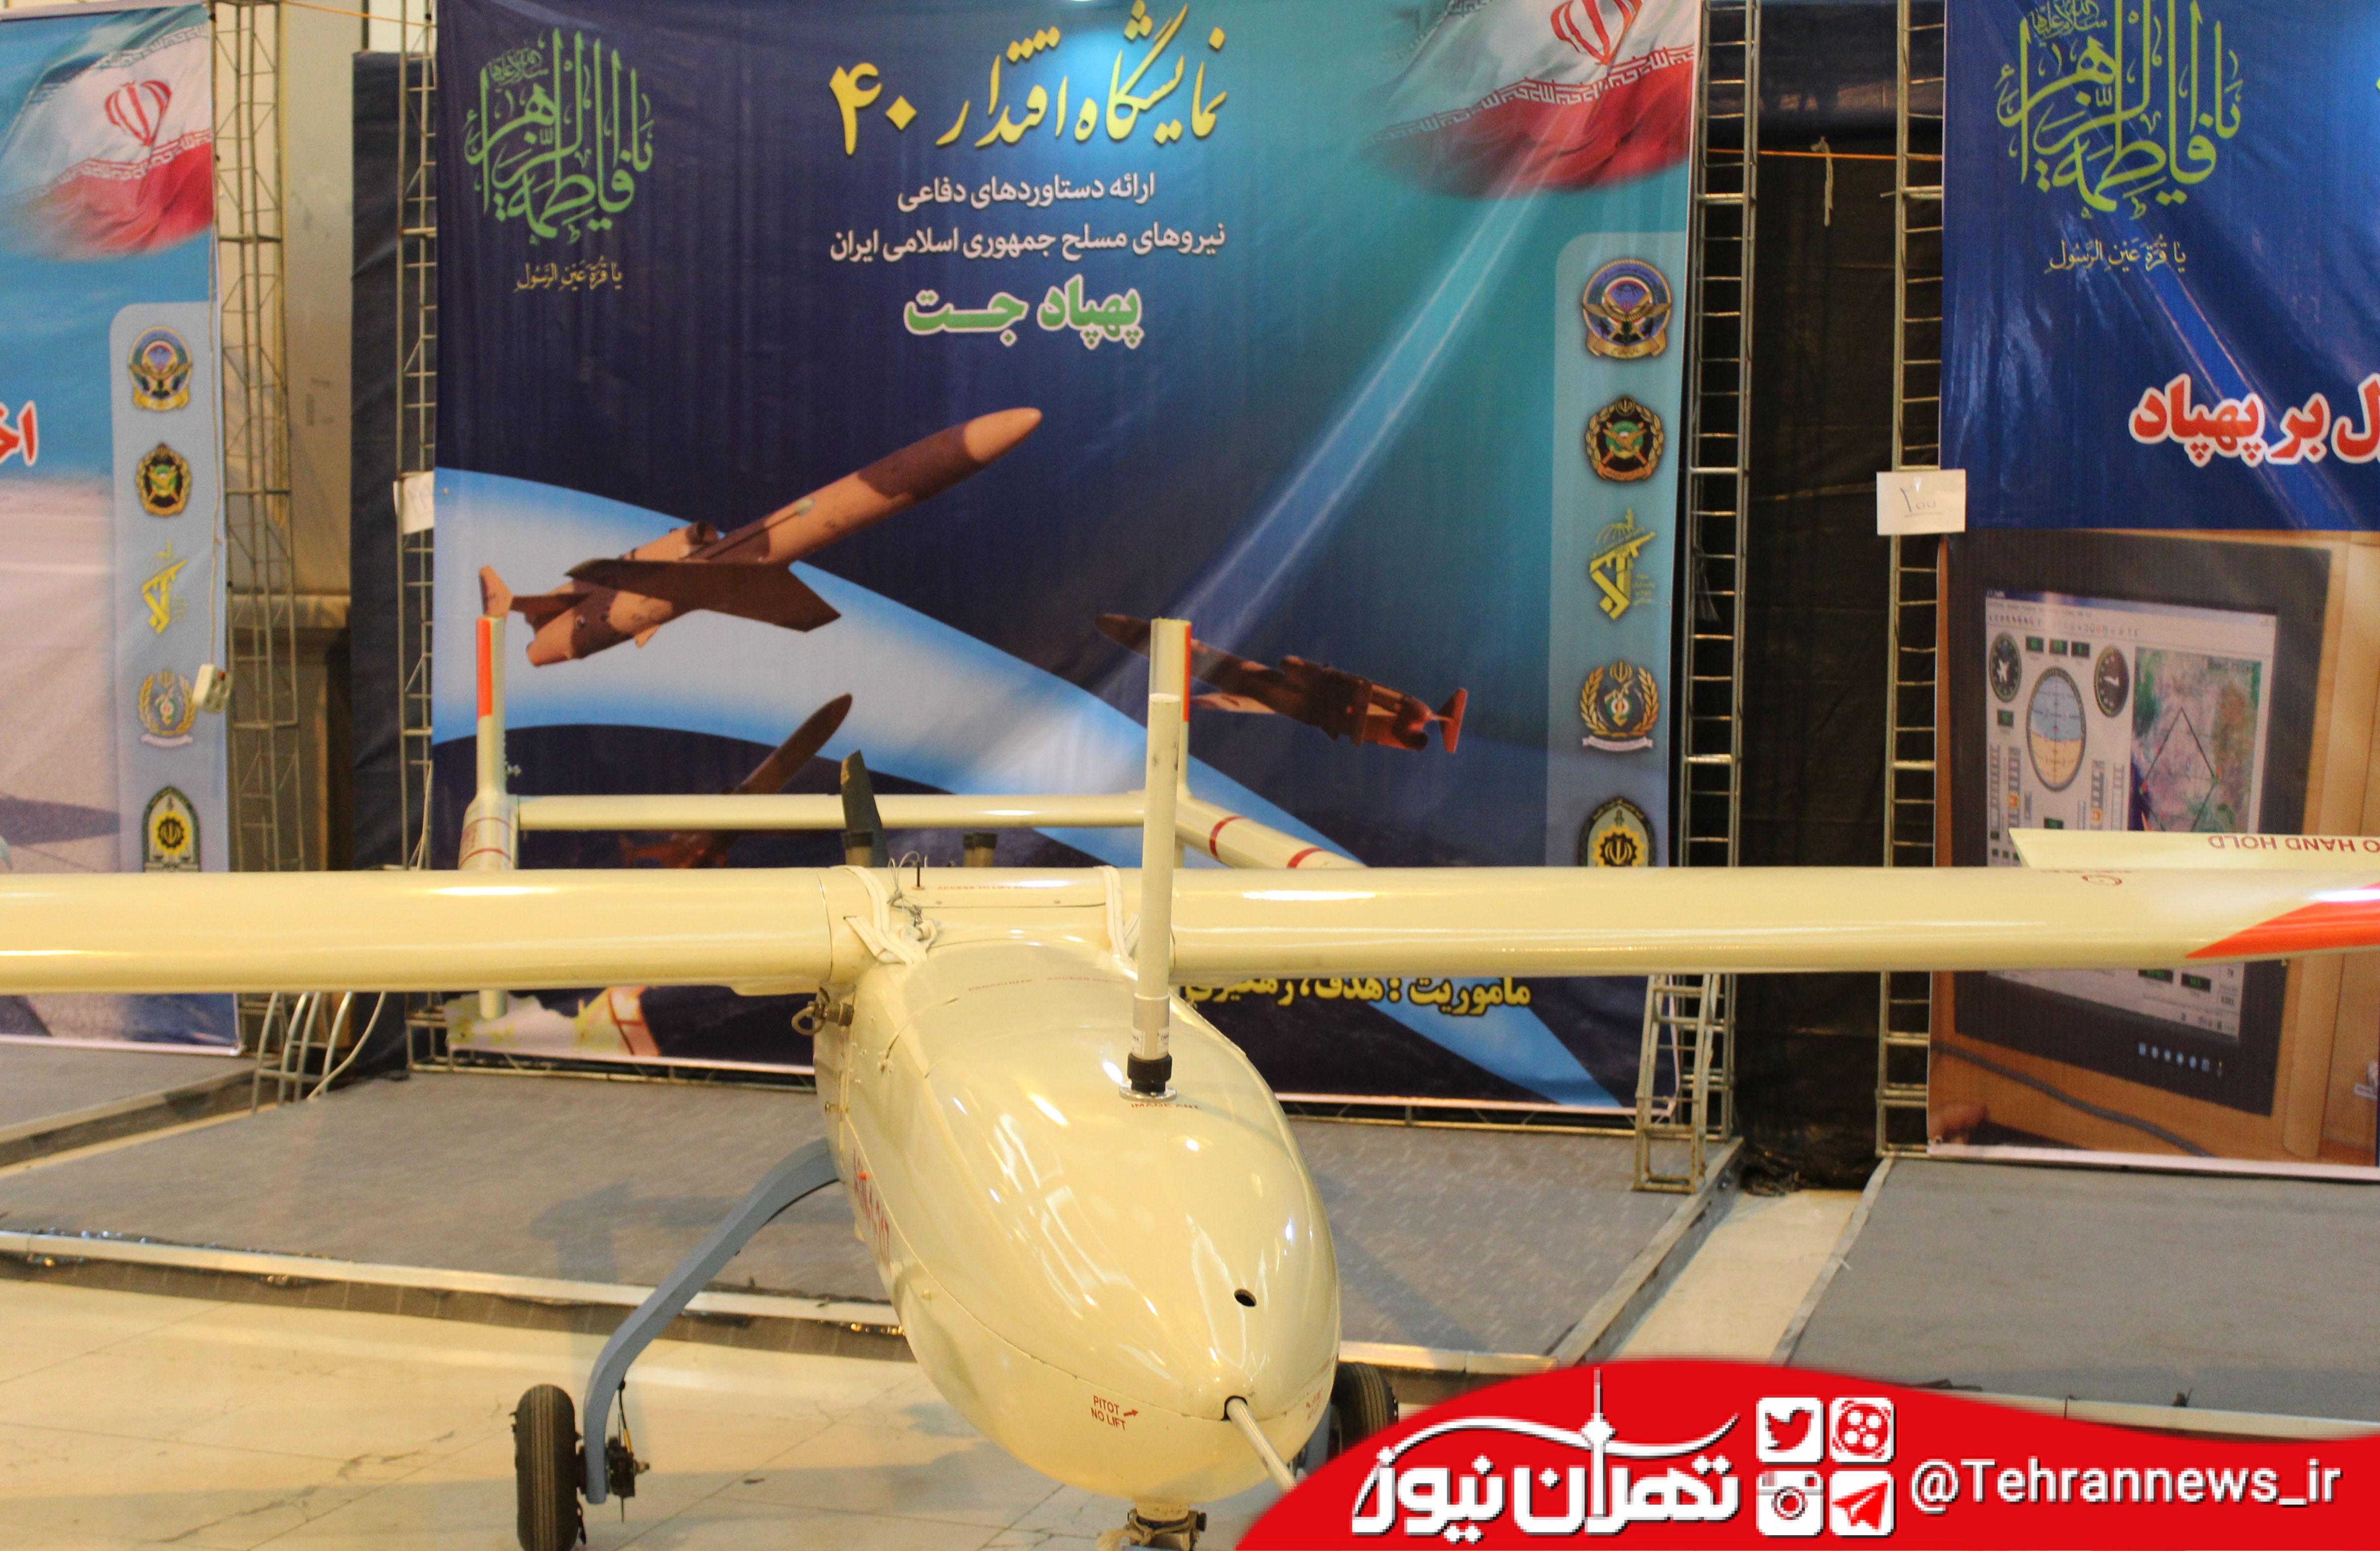 نمایشگاه اقتدار 40 در مصلای تهران برگزار شد